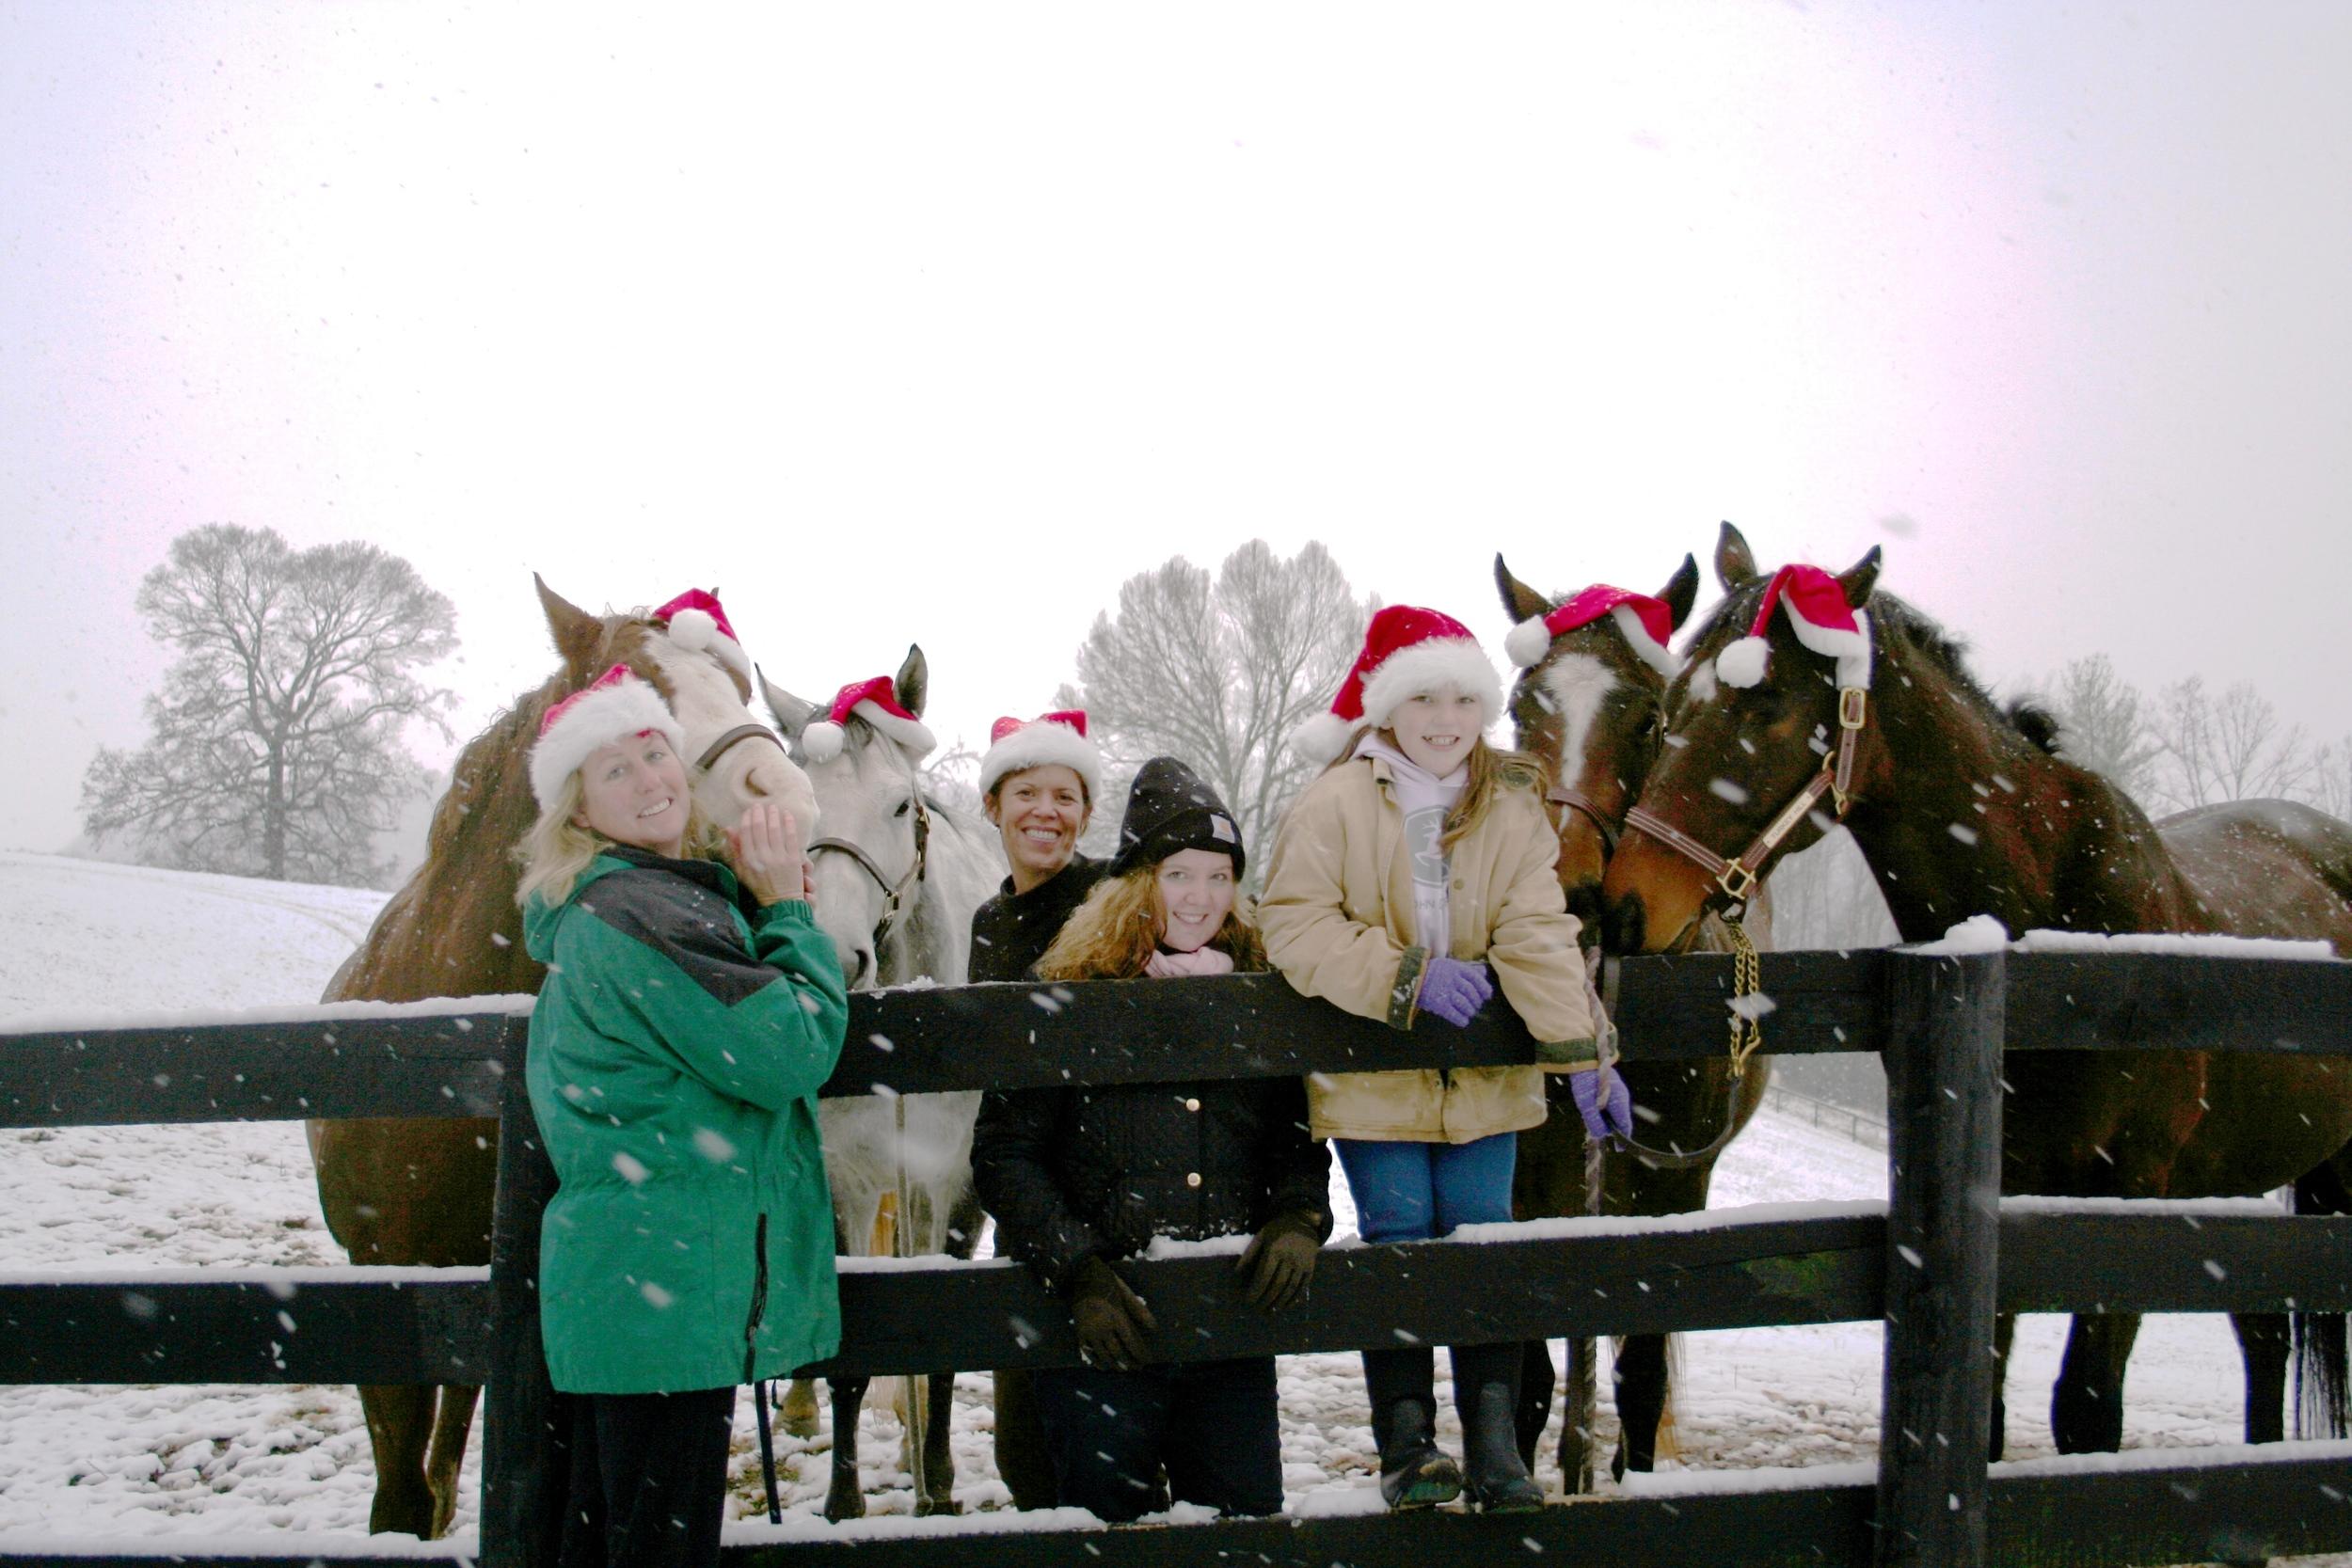 Horses with Santa hats.jpg